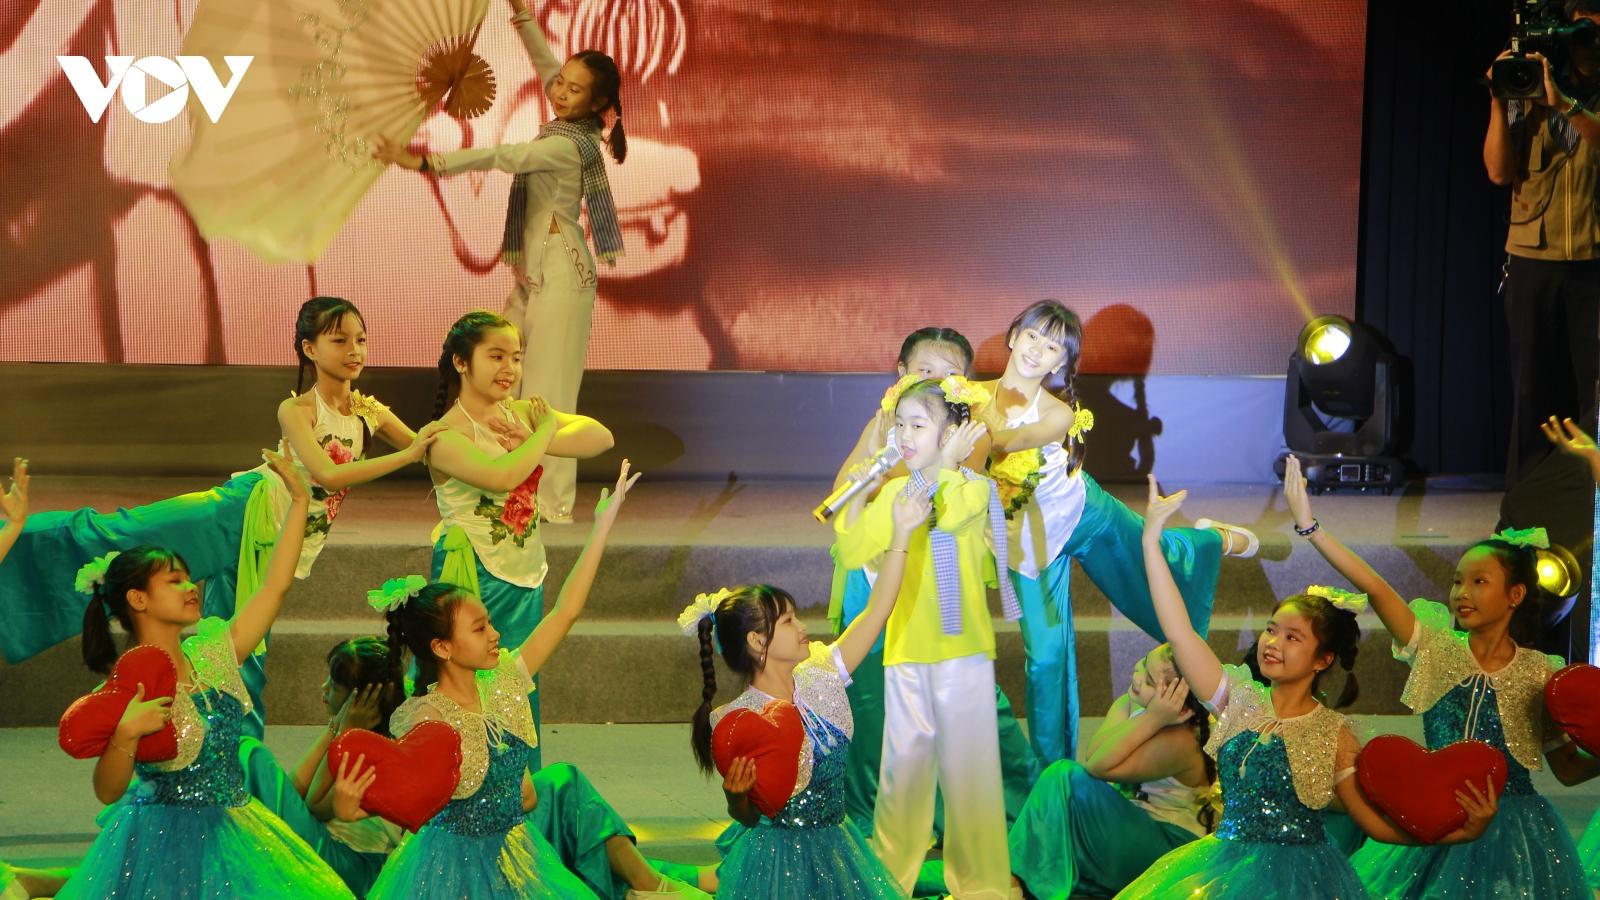 Cần Thơ tổ chức đêm nhạc quyên góp hơn 6 tỷ đồng gửi miền Trung yêu thương